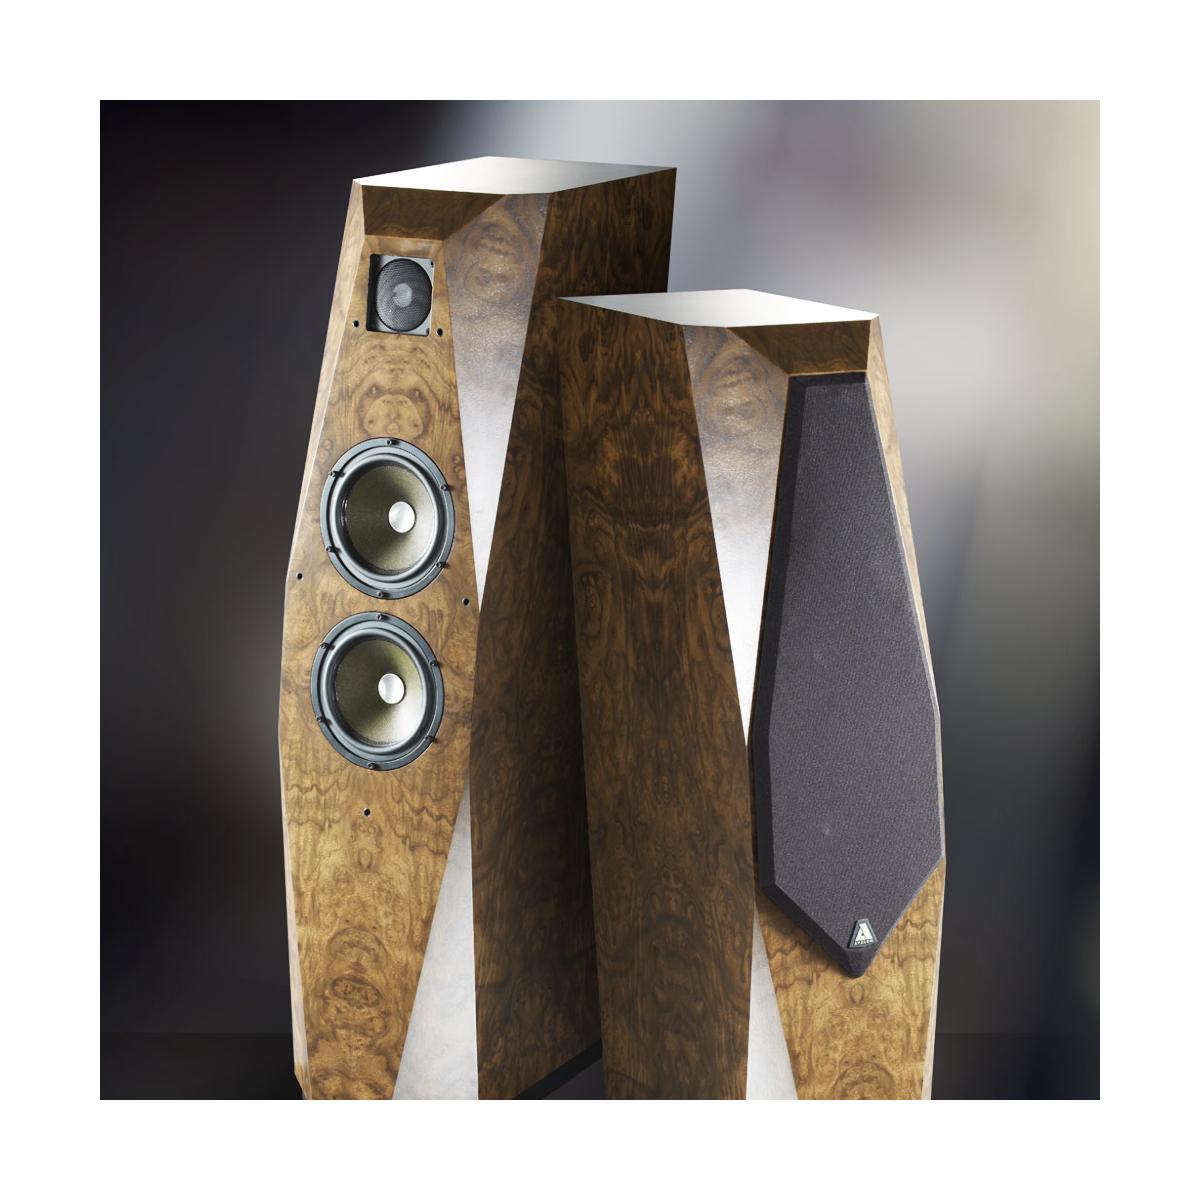 Avalon Acoustics Transcendent Maple 価格お問い合わせください。 アヴァロン スピーカーシステム